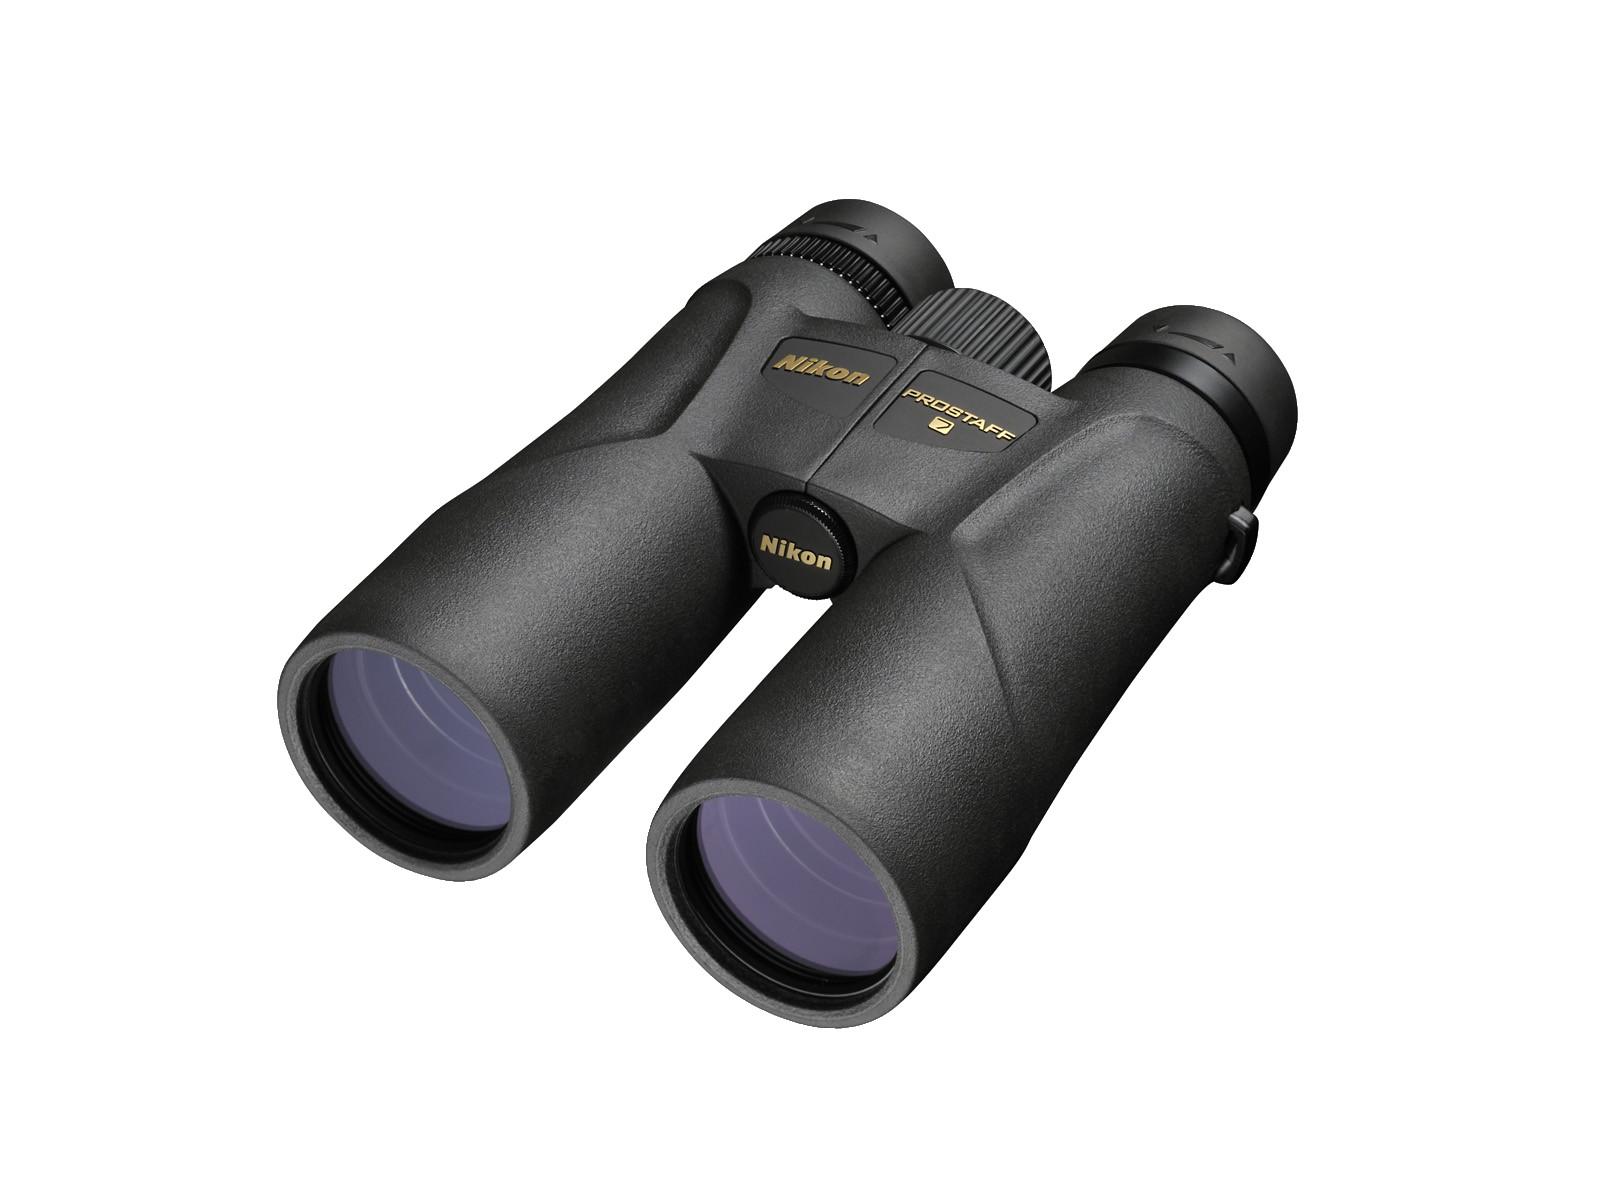 Prostaff 7s 8X42 雙筒望遠鏡 雙筒望遠鏡/單眼鏡-登山賞鳥